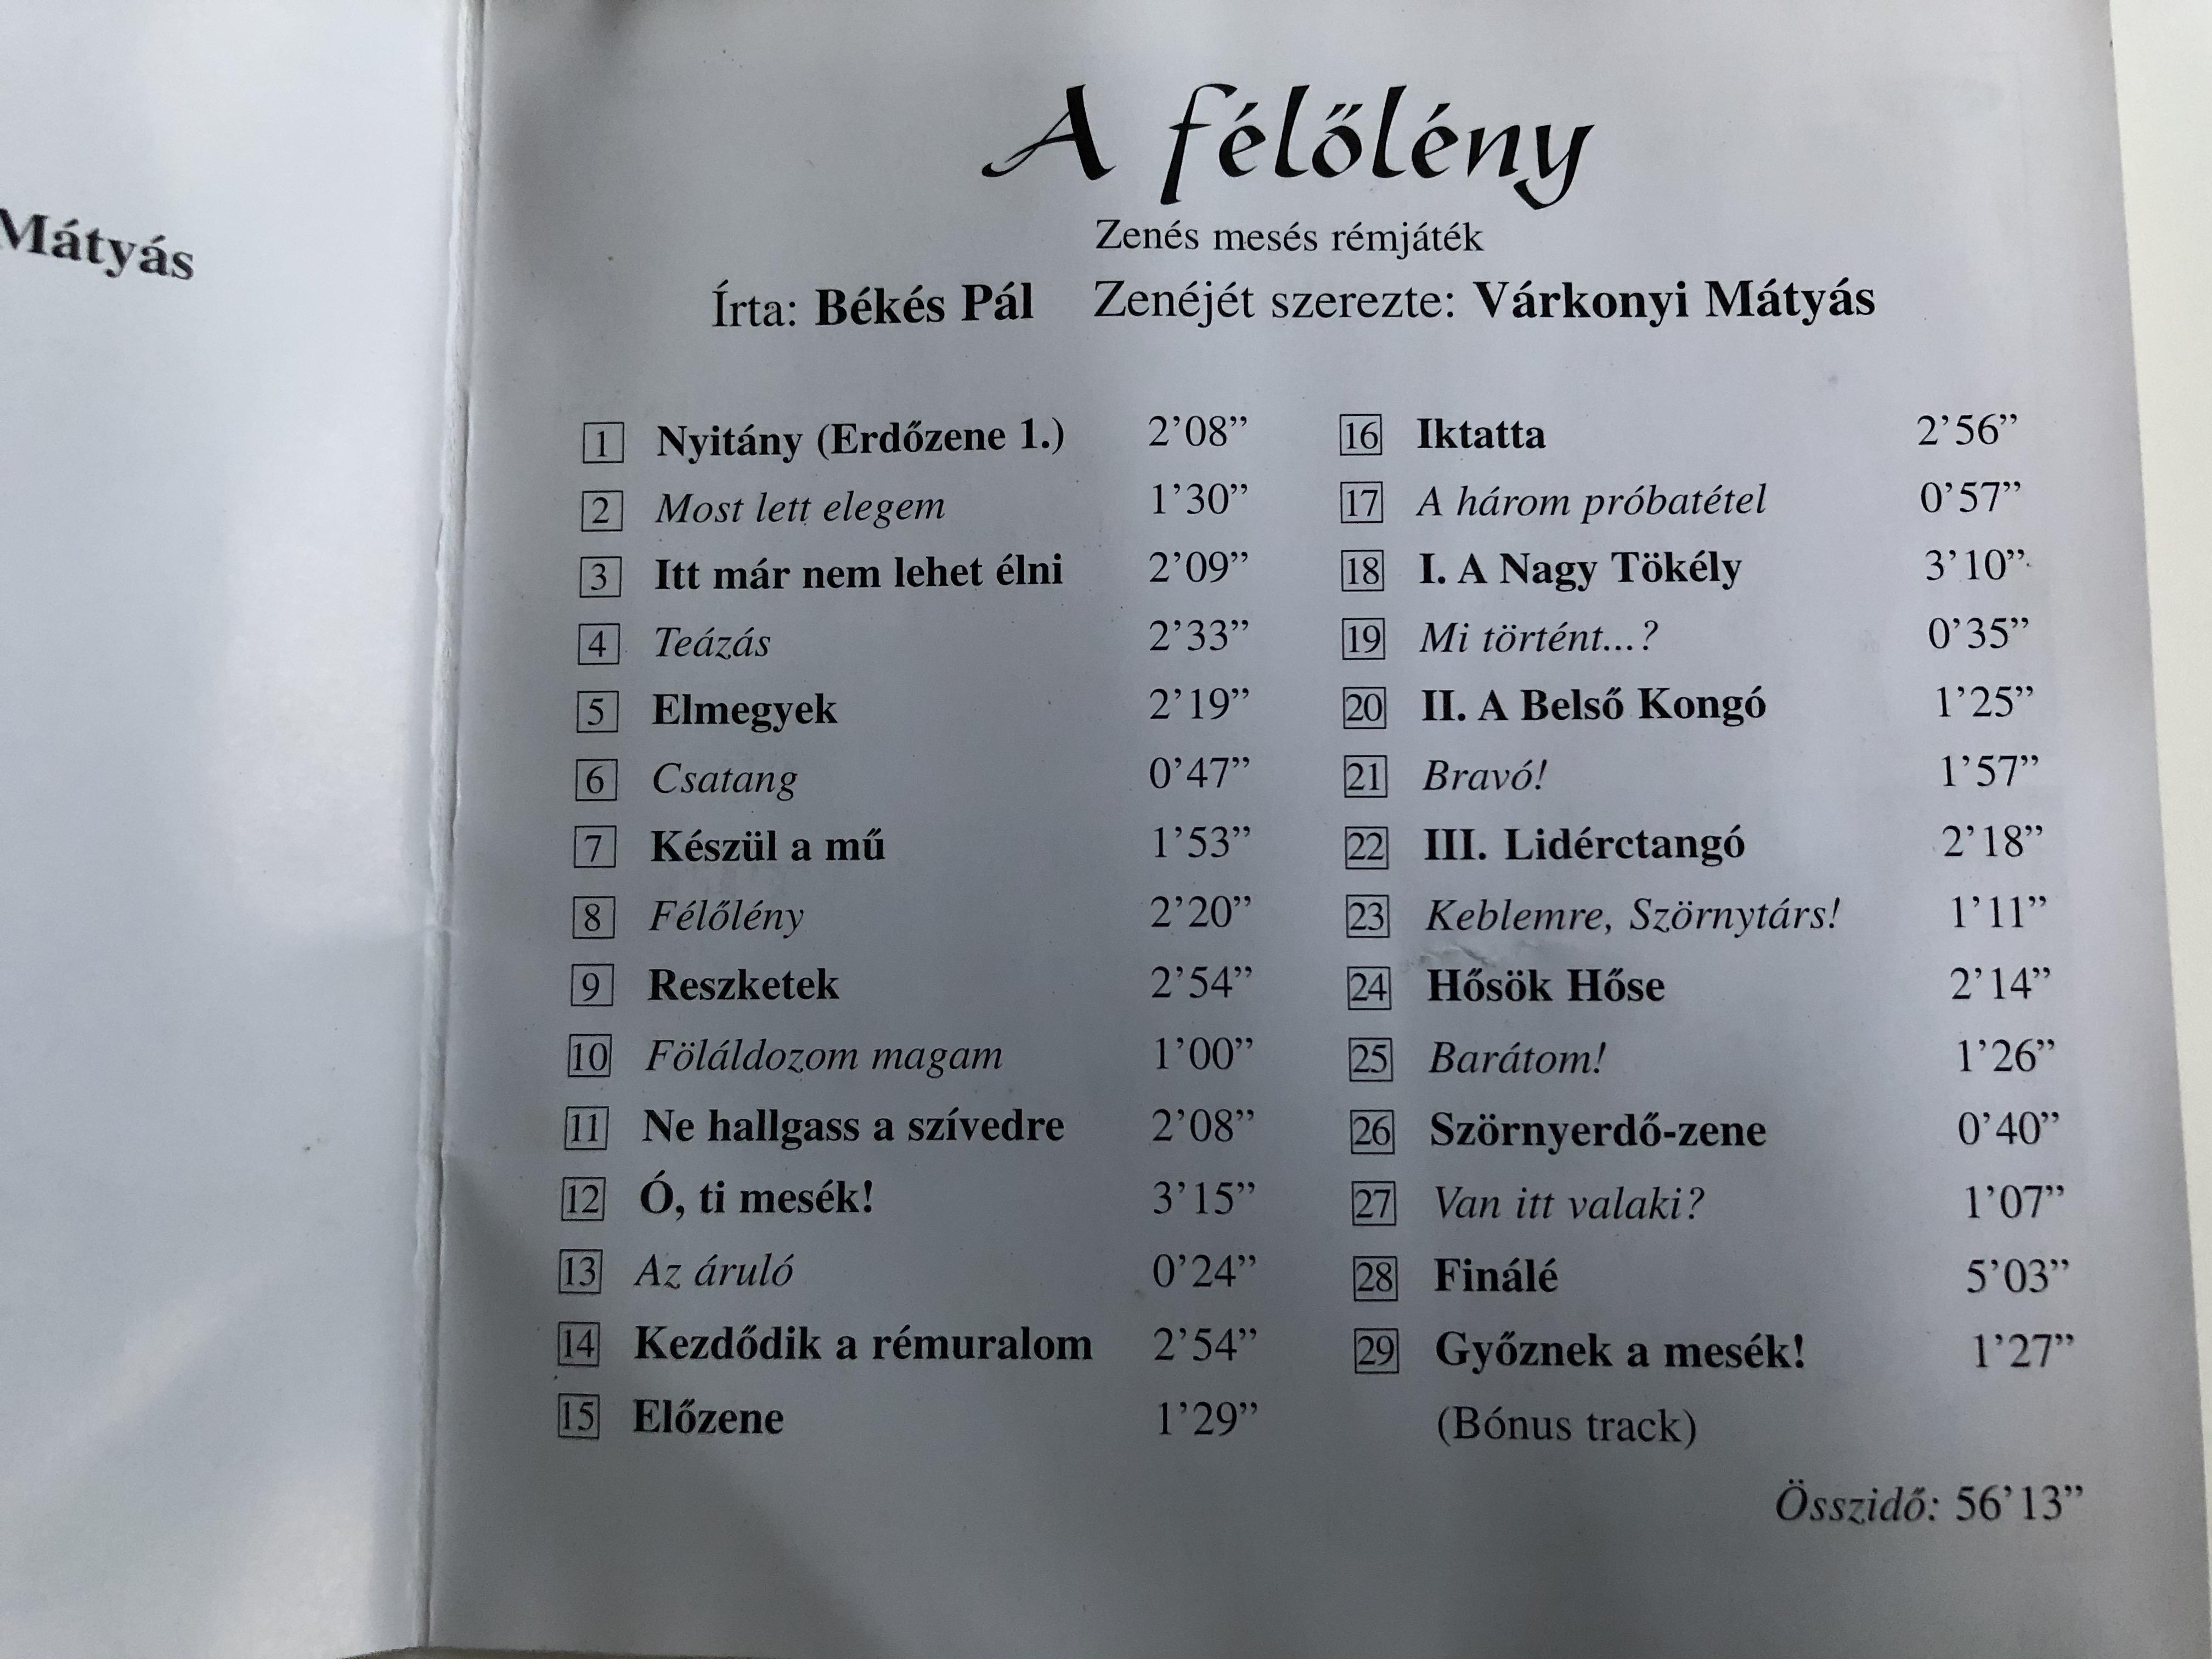 b-k-s-p-l-v-rkonyi-m-ty-s-a-f-l-l-ny-zenes-meses-remjetek-hungaroton-classic-audio-cd-2006-stereo-hcd-14338-3-.jpg